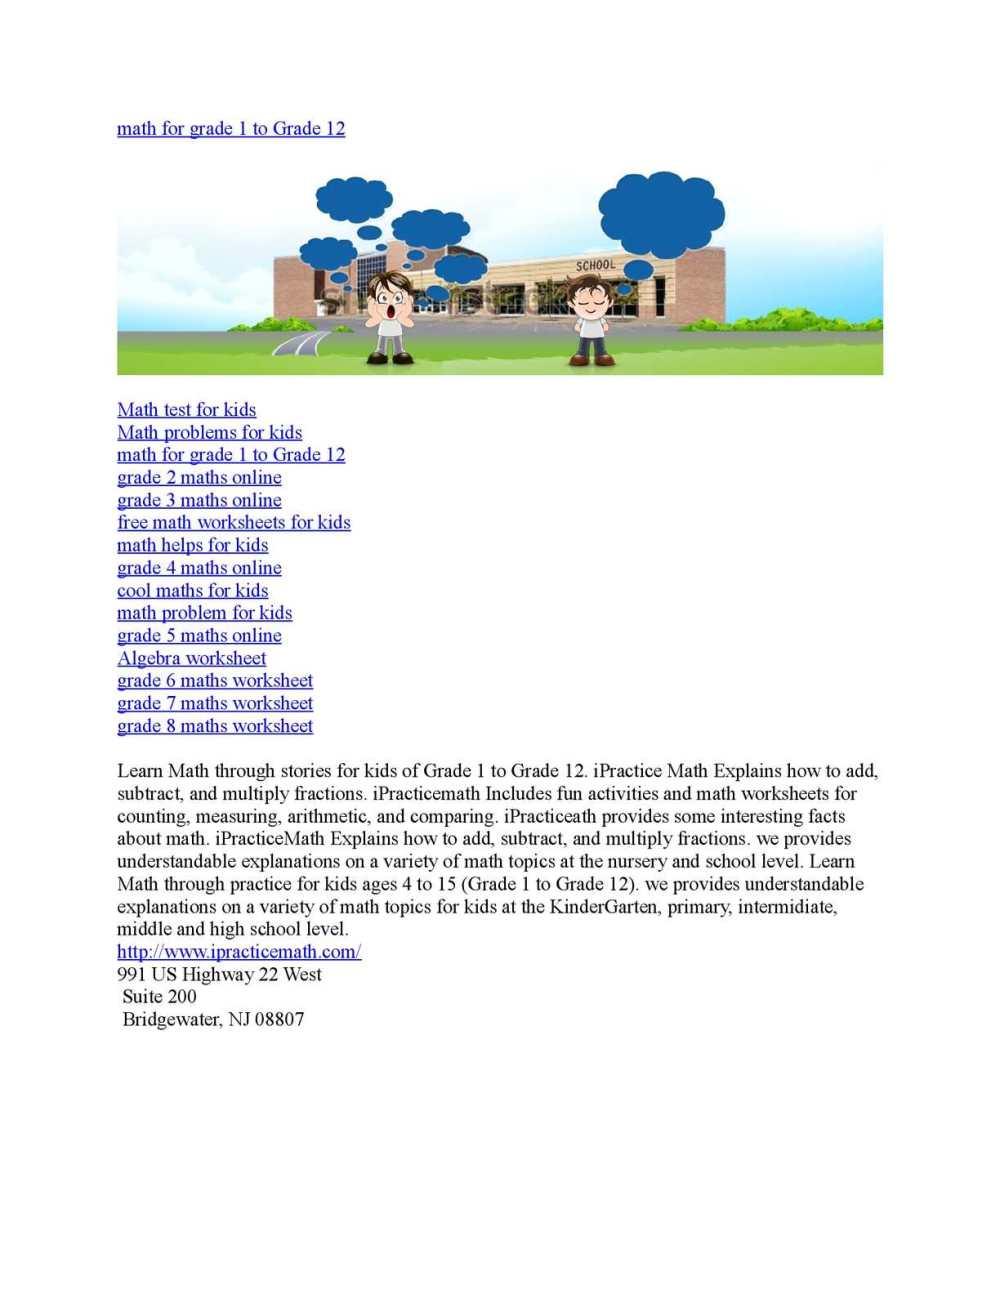 medium resolution of Calaméo - math for grade 1 to Grade 12